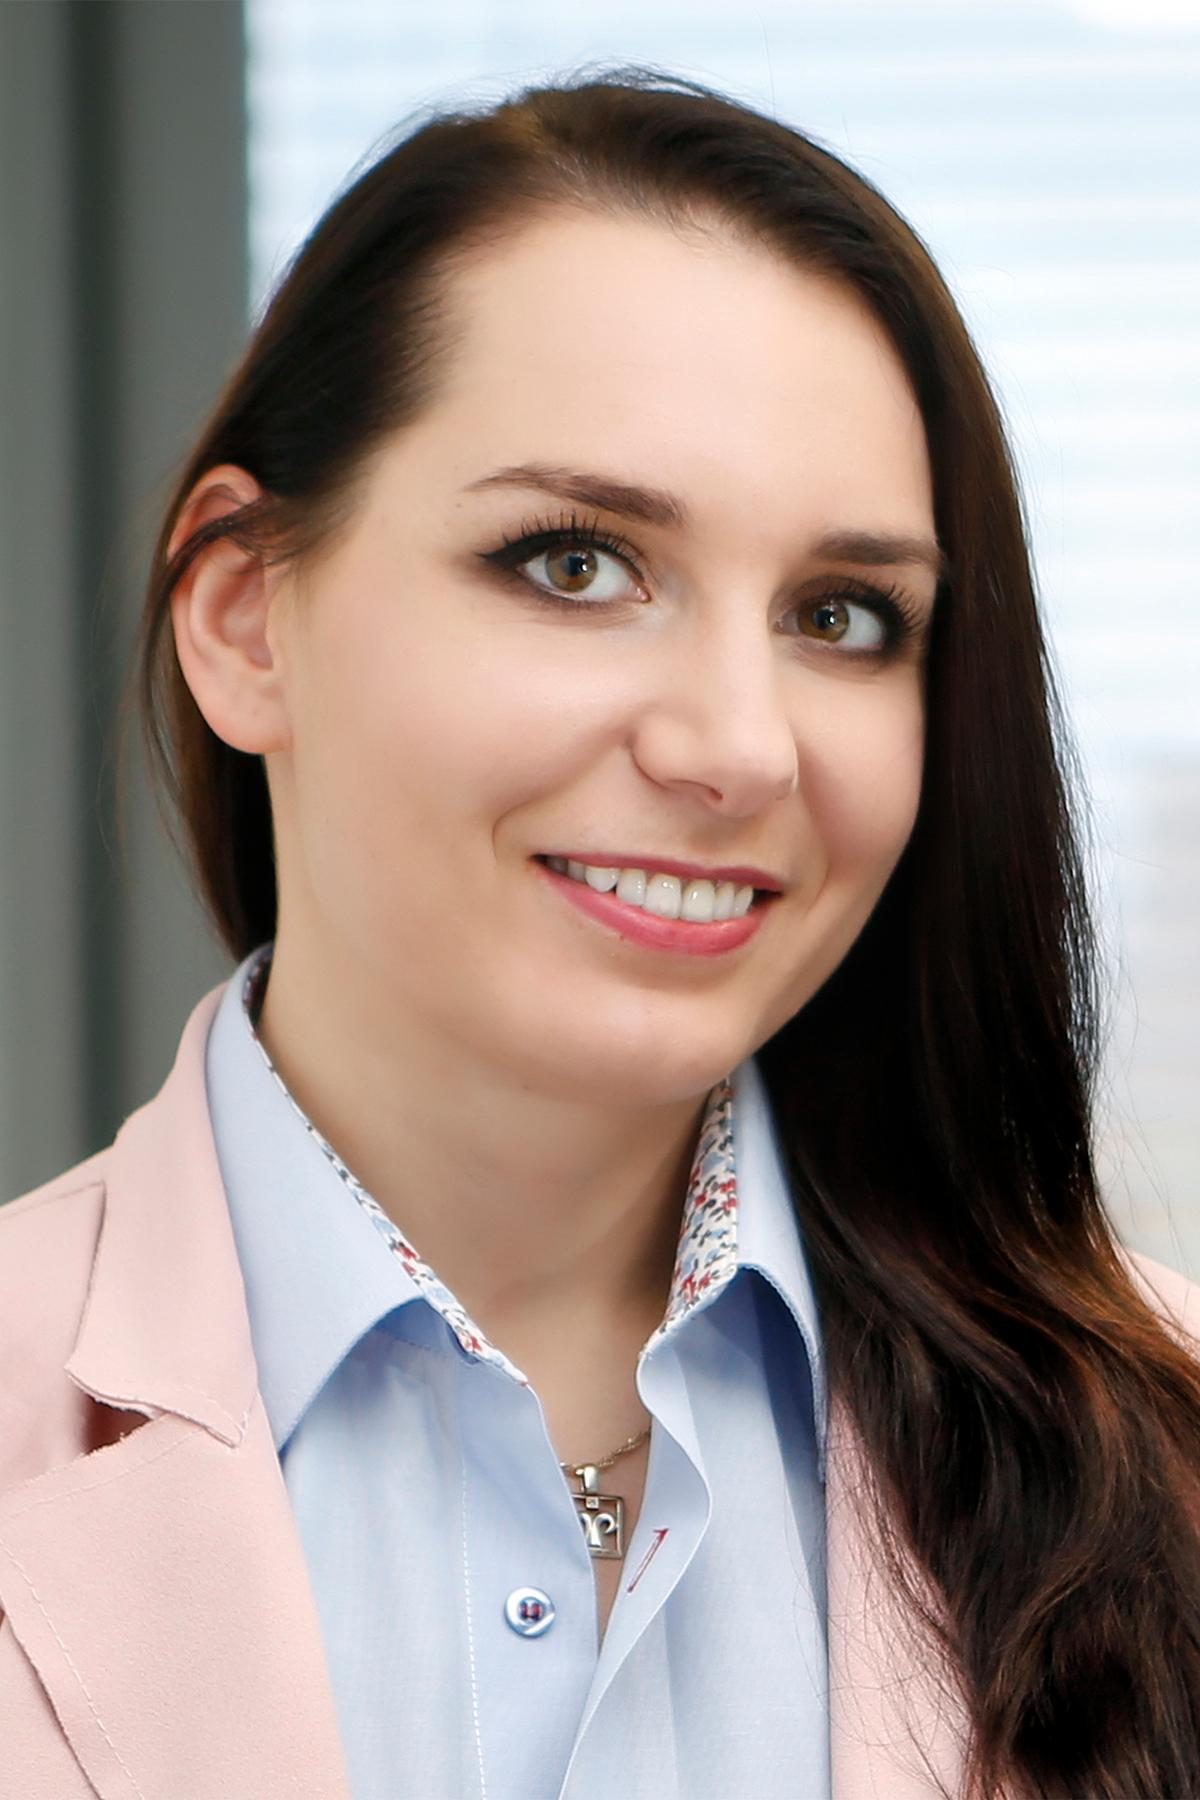 Ola Rychlińska